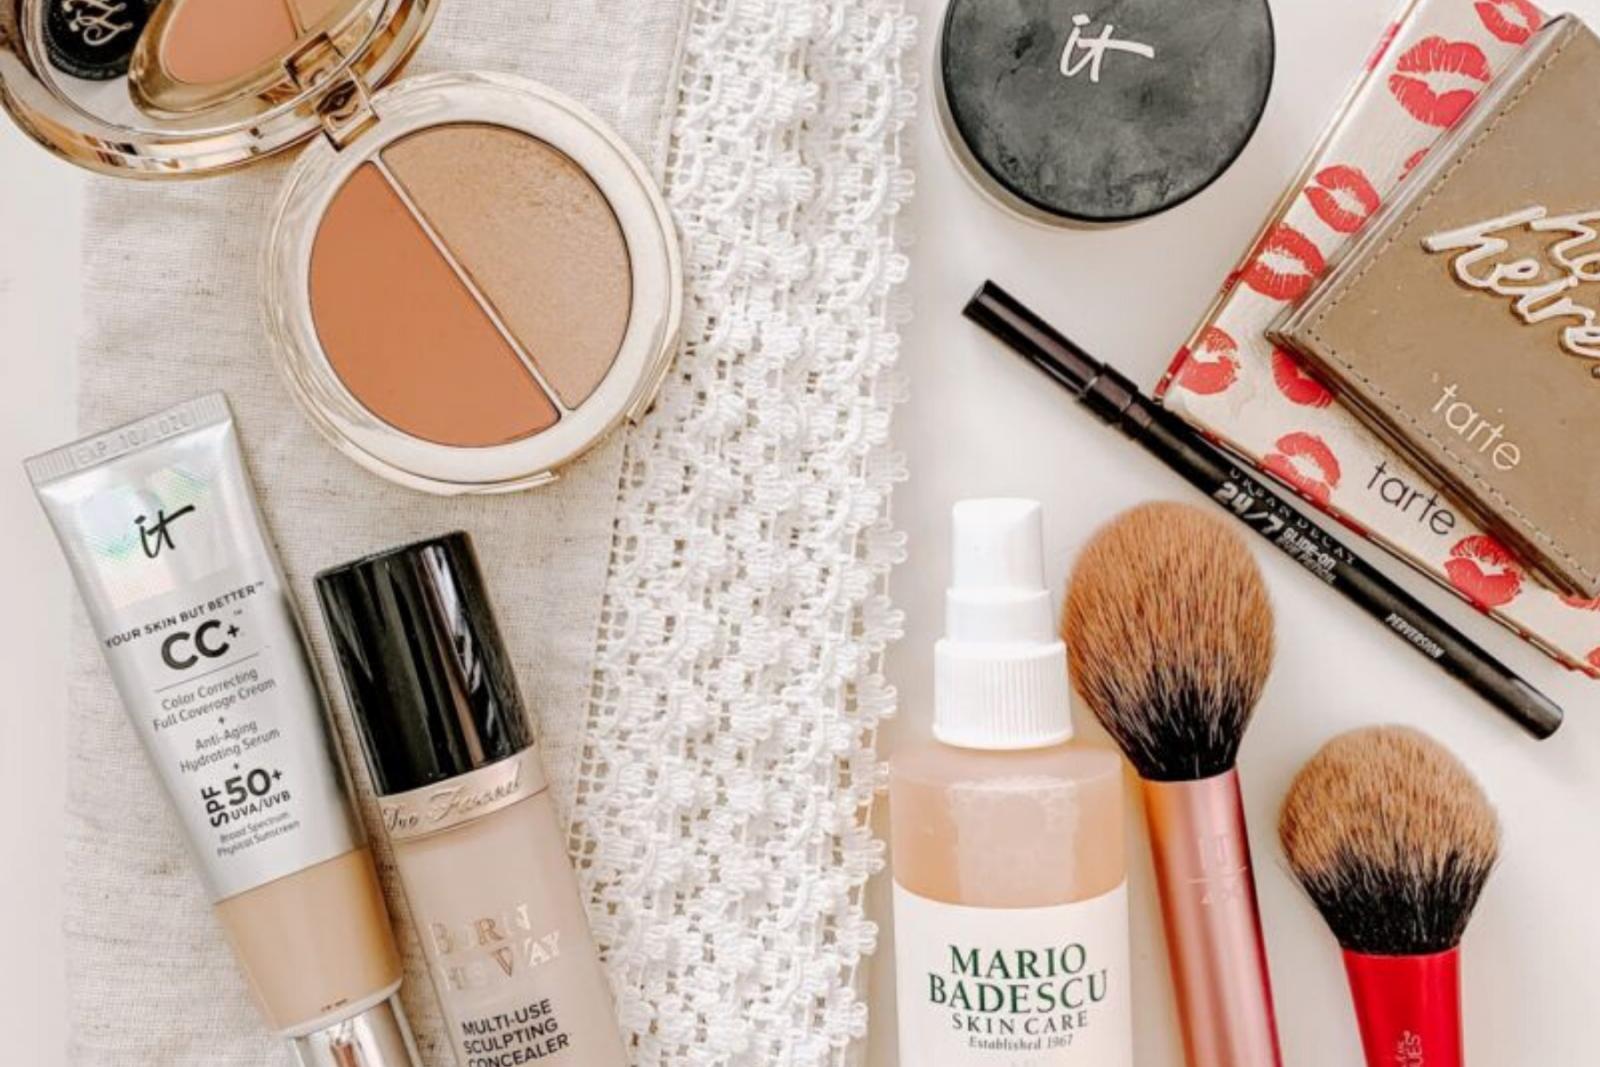 Gợi ý cách chọn sản phẩm makeup hợp với da bạn